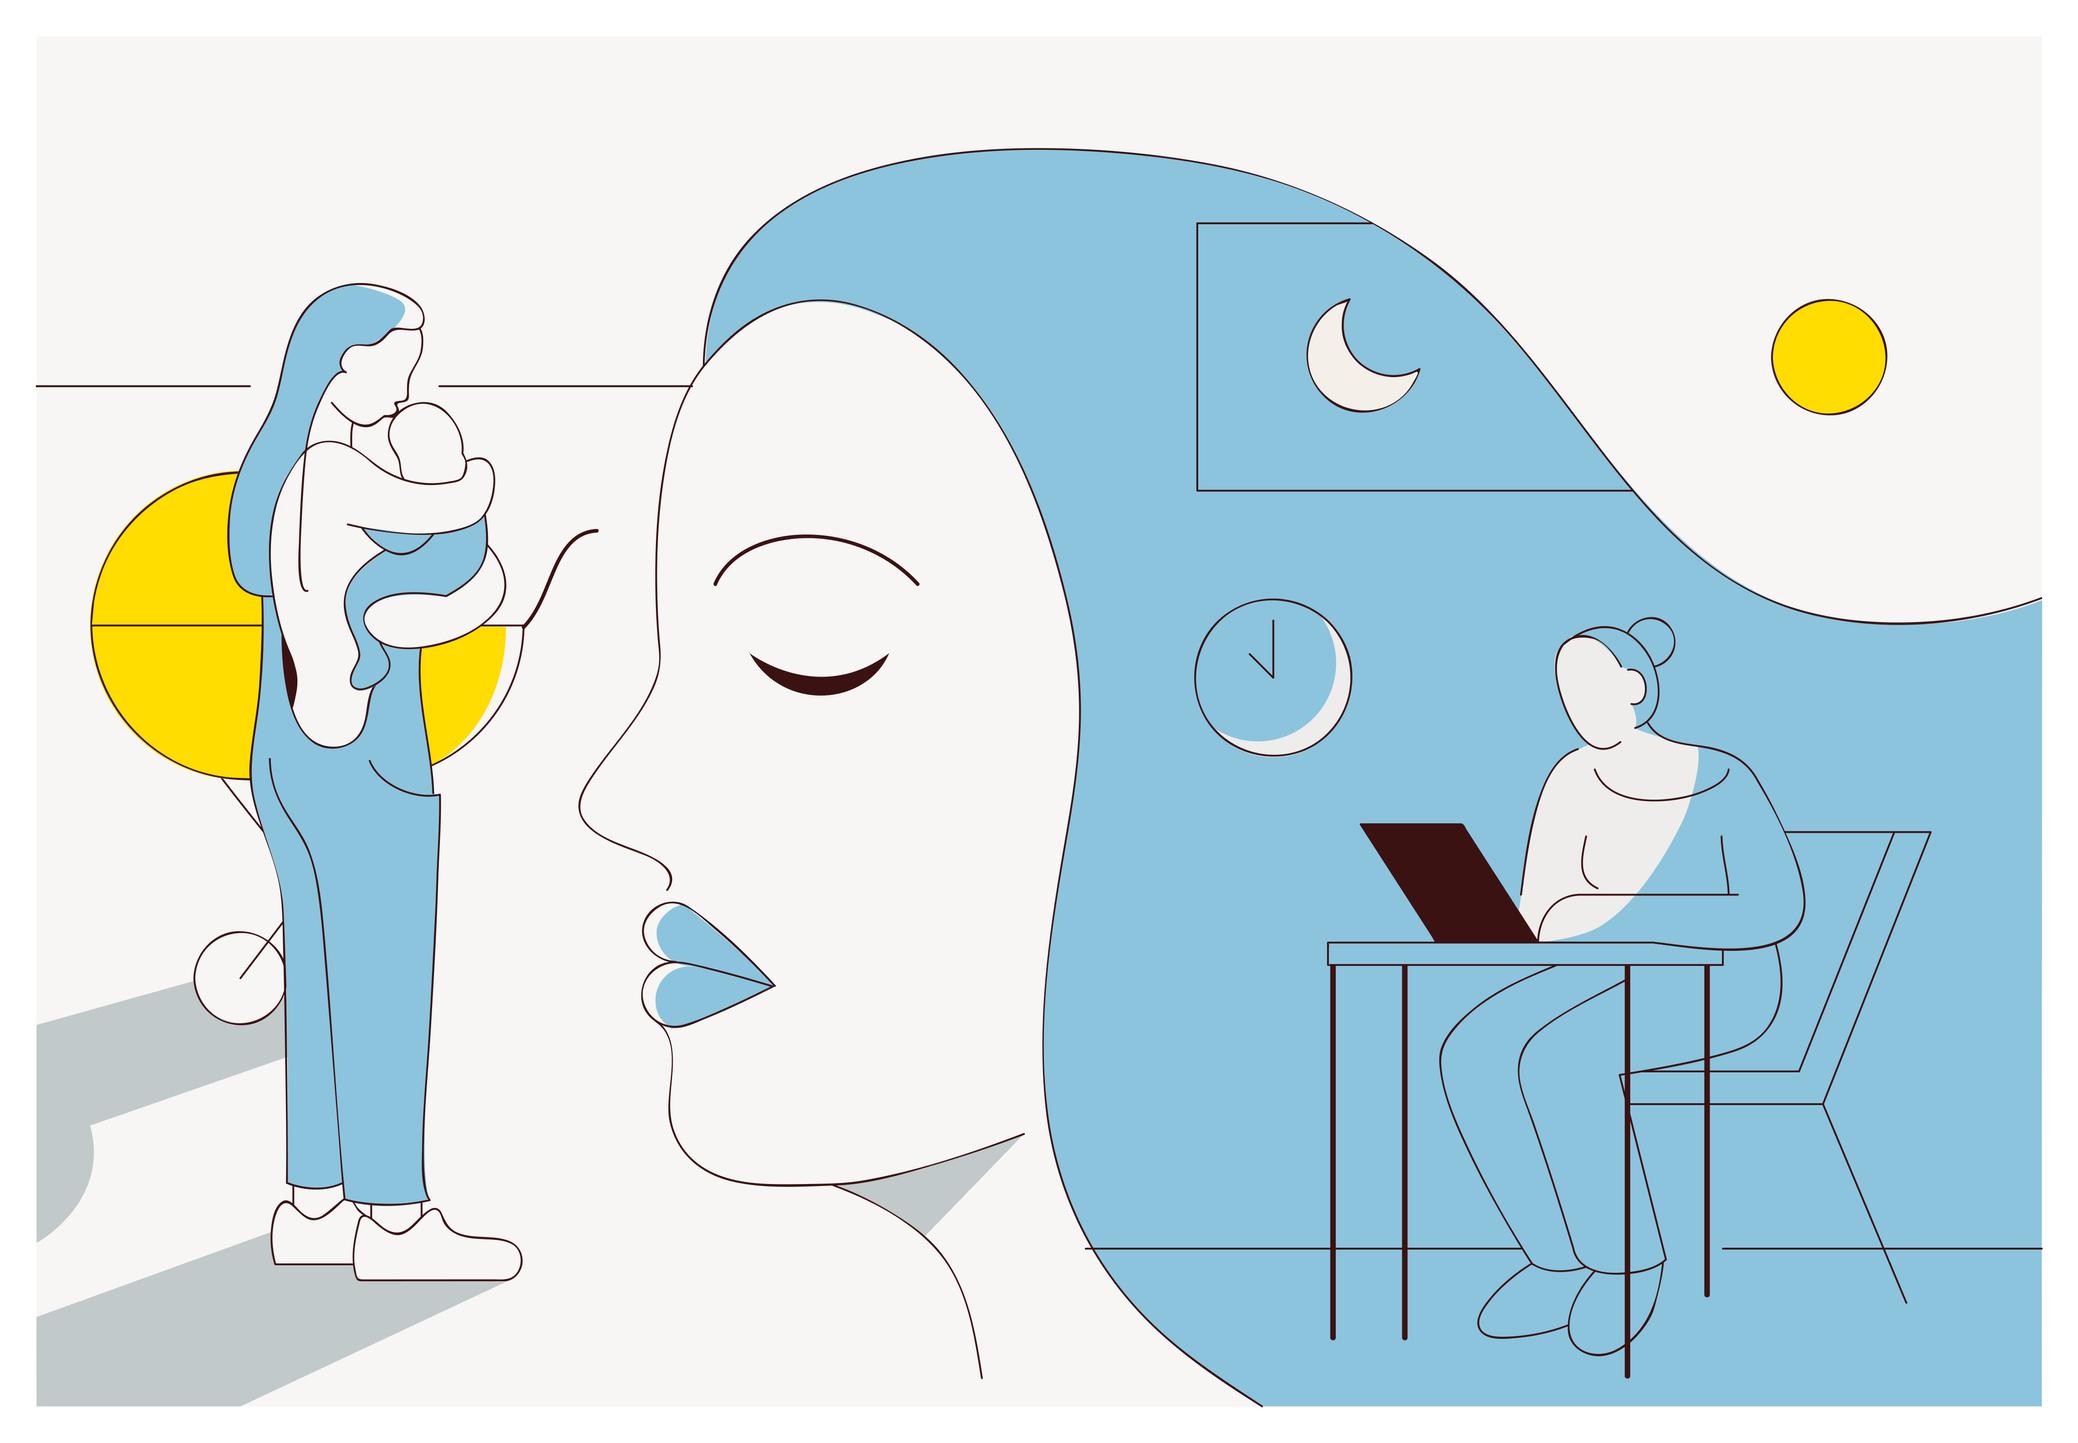 Ilustra mulher trabalhando e cuidado do filho